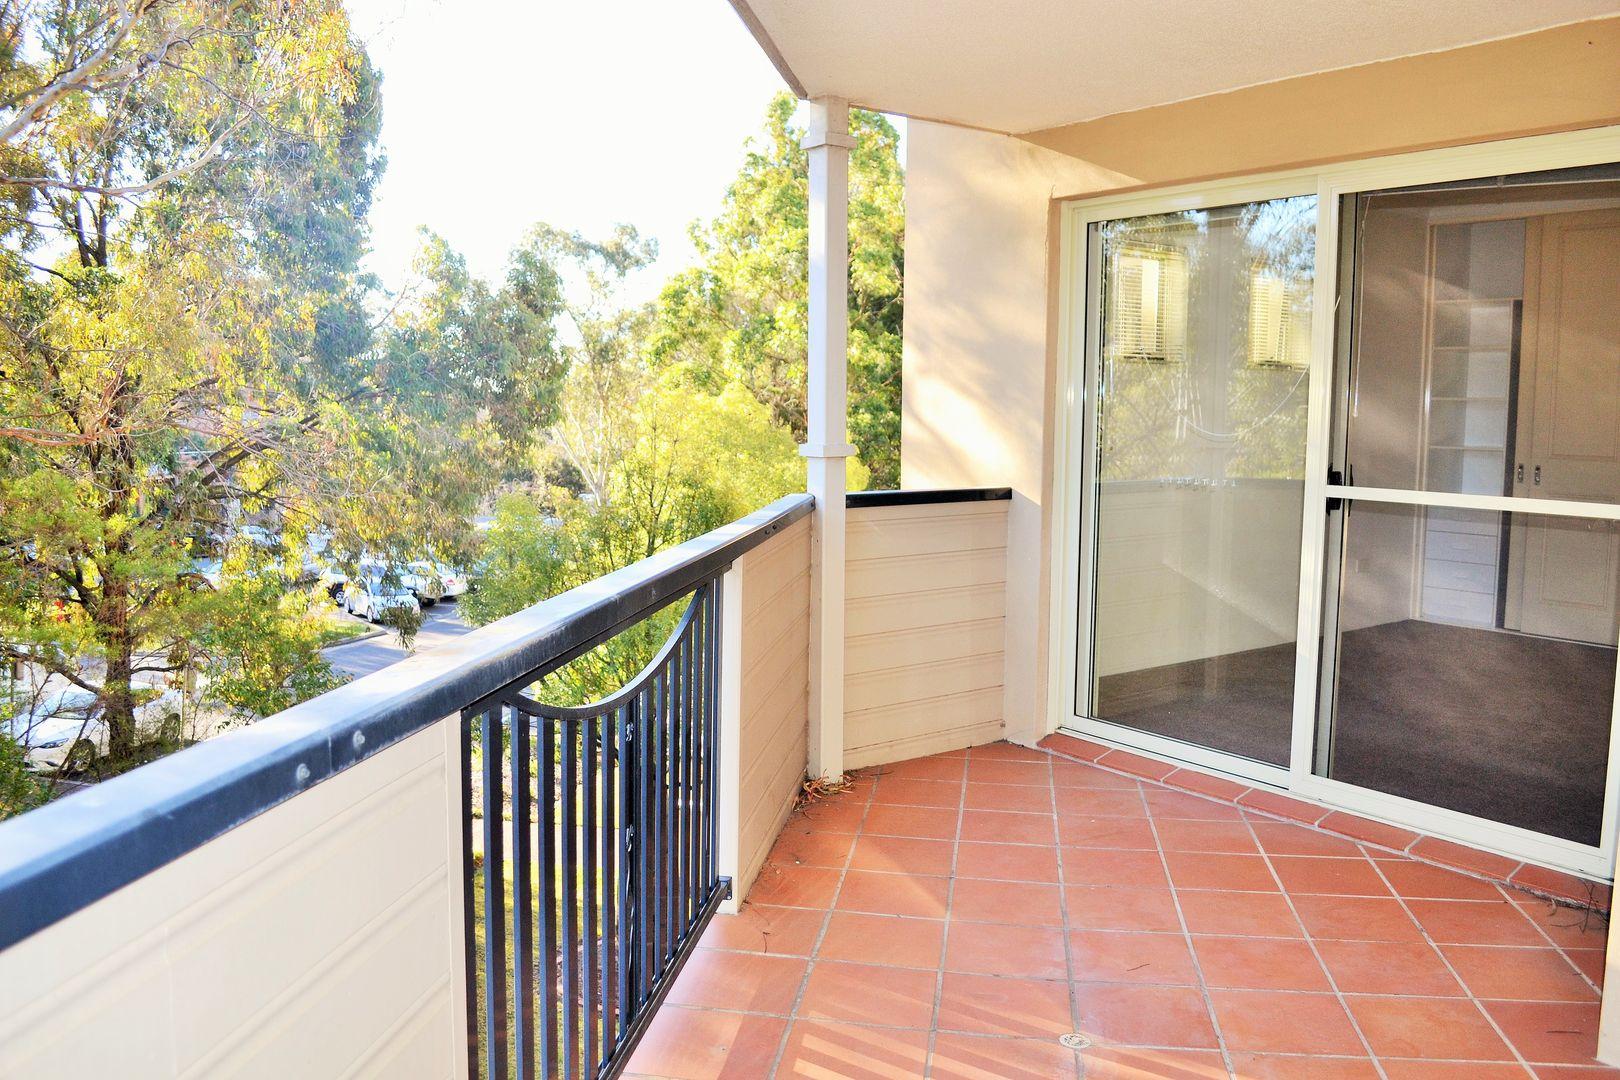 35/84-88 Glencoe Street, Sutherland NSW 2232, Image 0